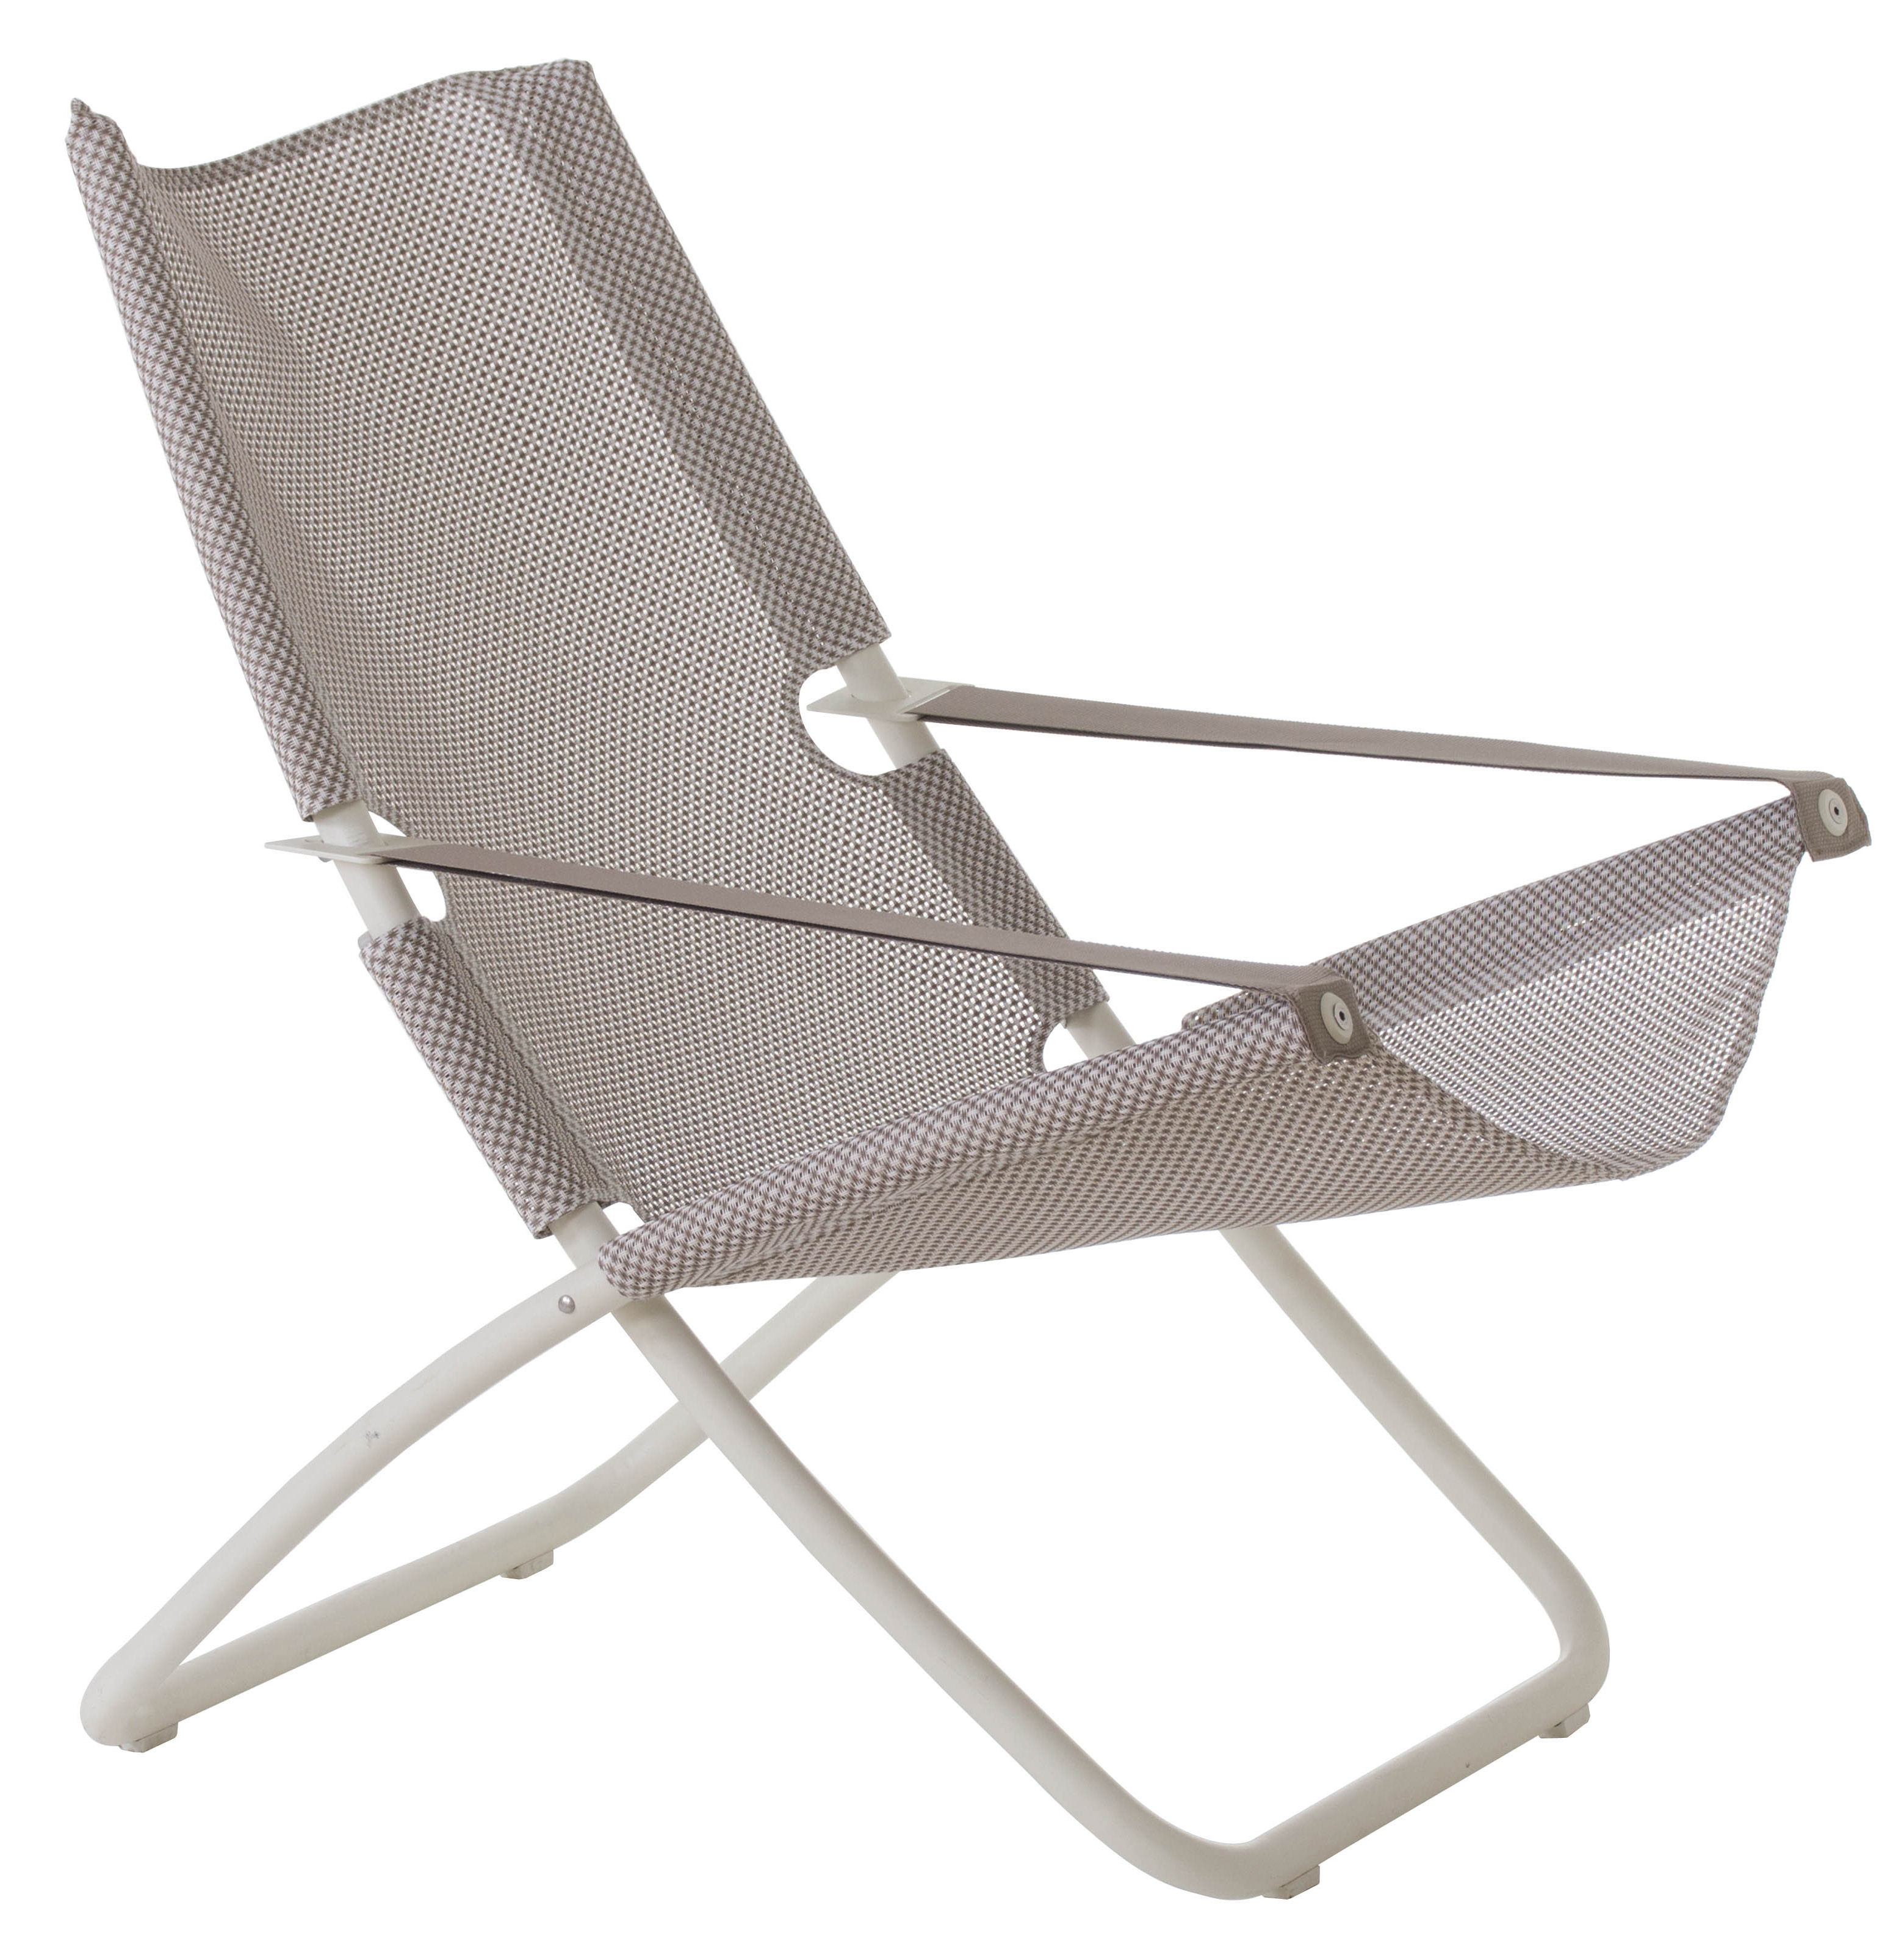 Outdoor - Fauteuils - Chaise longue Snooze / Pliable - 2 positions - Emu - Glace / Structure blanche - Acier, Tissu